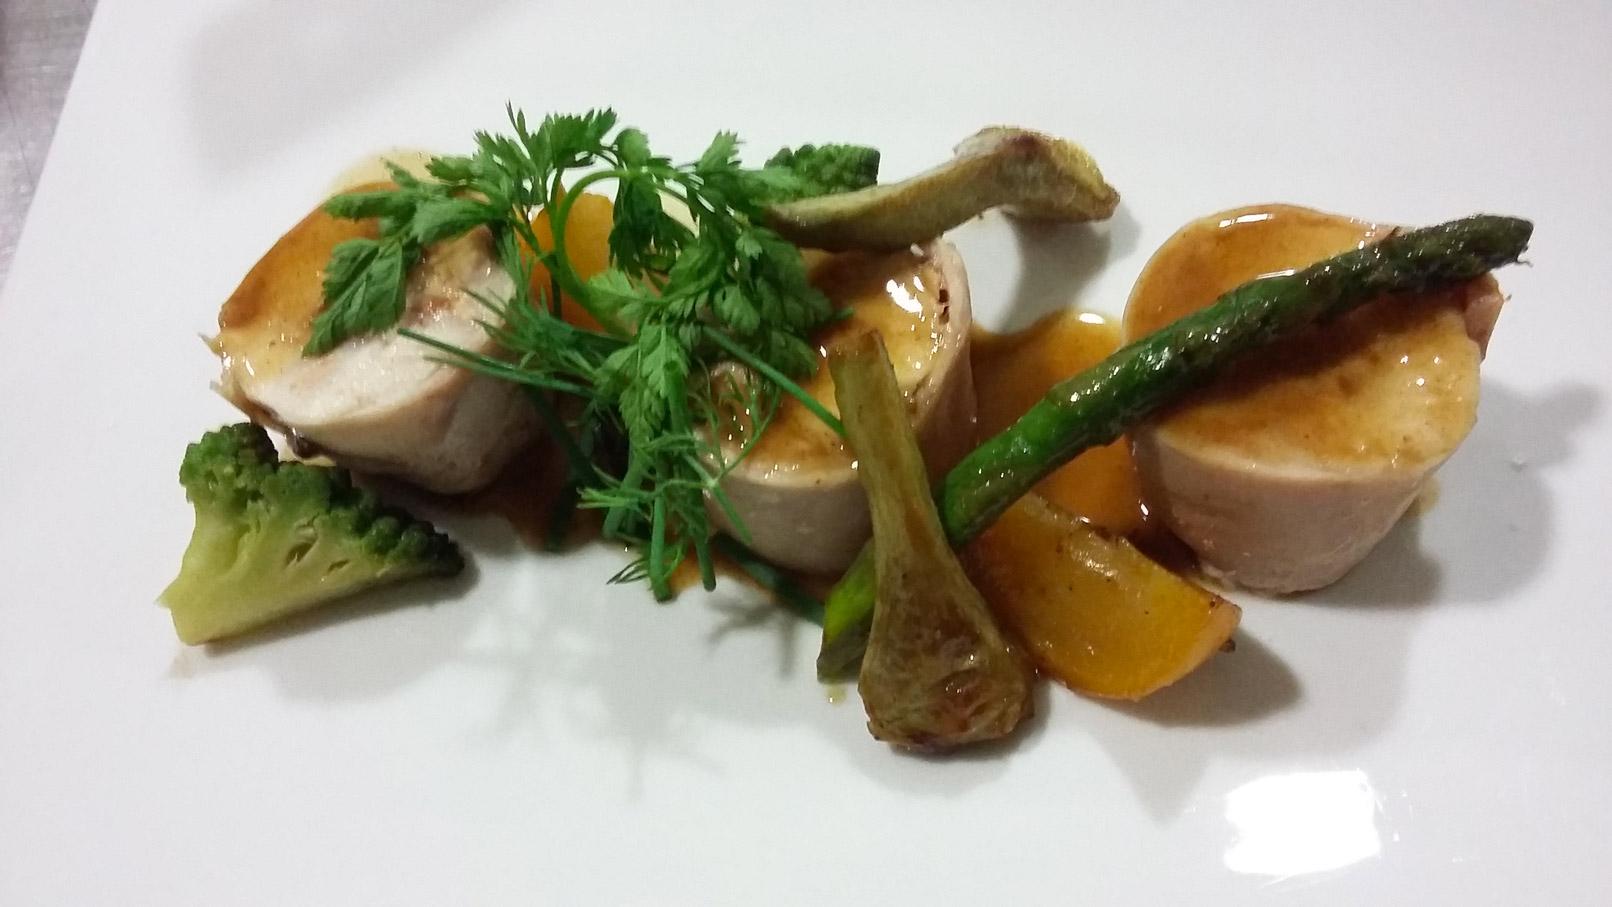 Rable de lapin farci et petits légumes - L'antre Gourmand